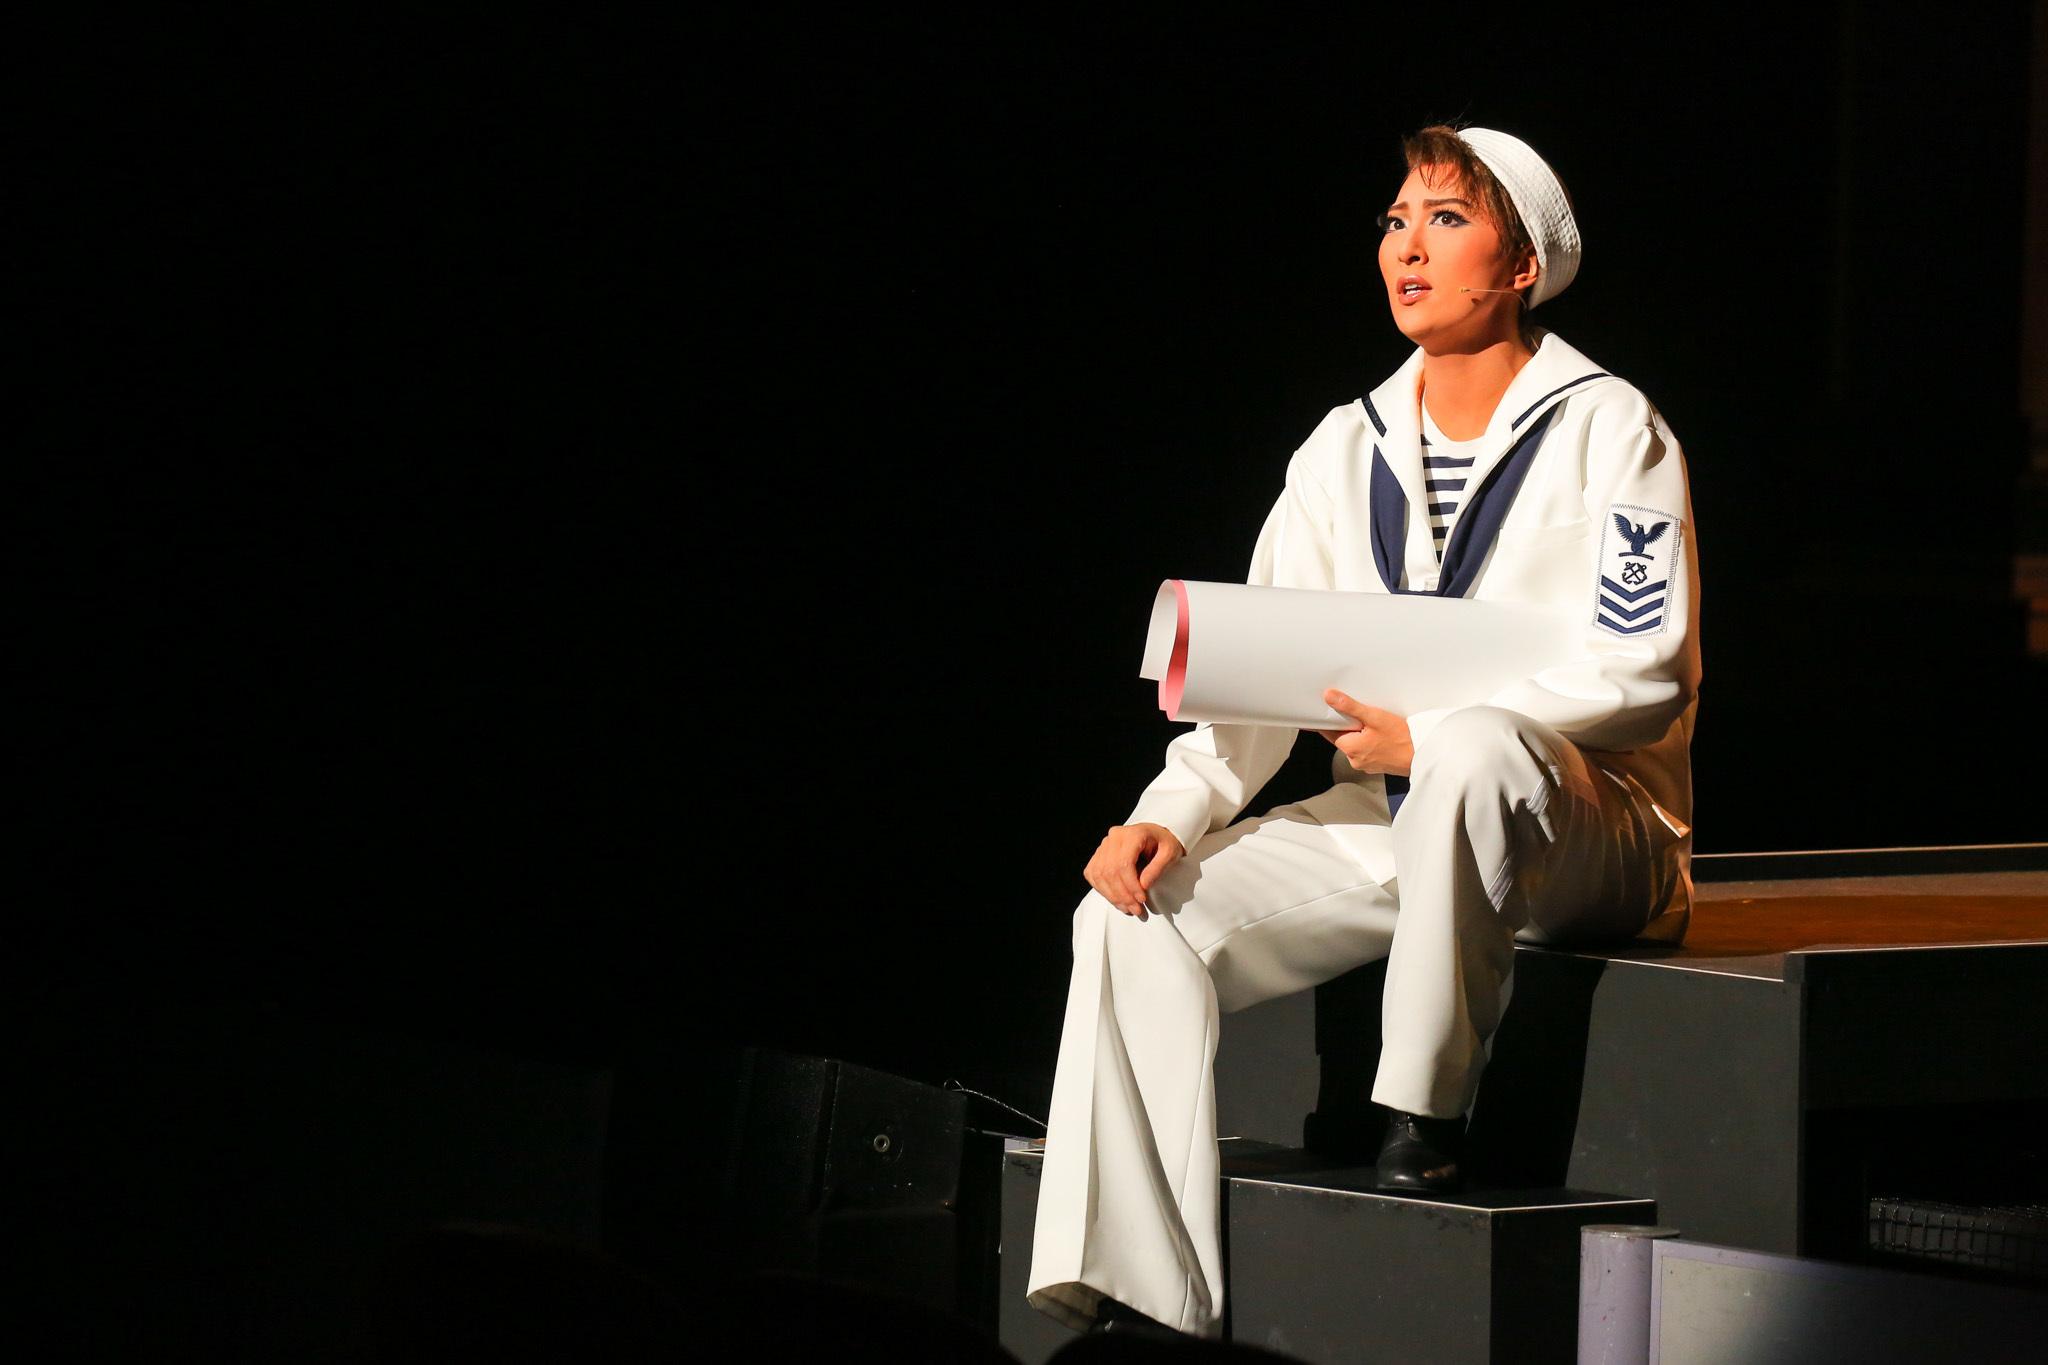 ブロードウェイ・ミュージカル『ON THE TOWN』 撮影=田浦ボン